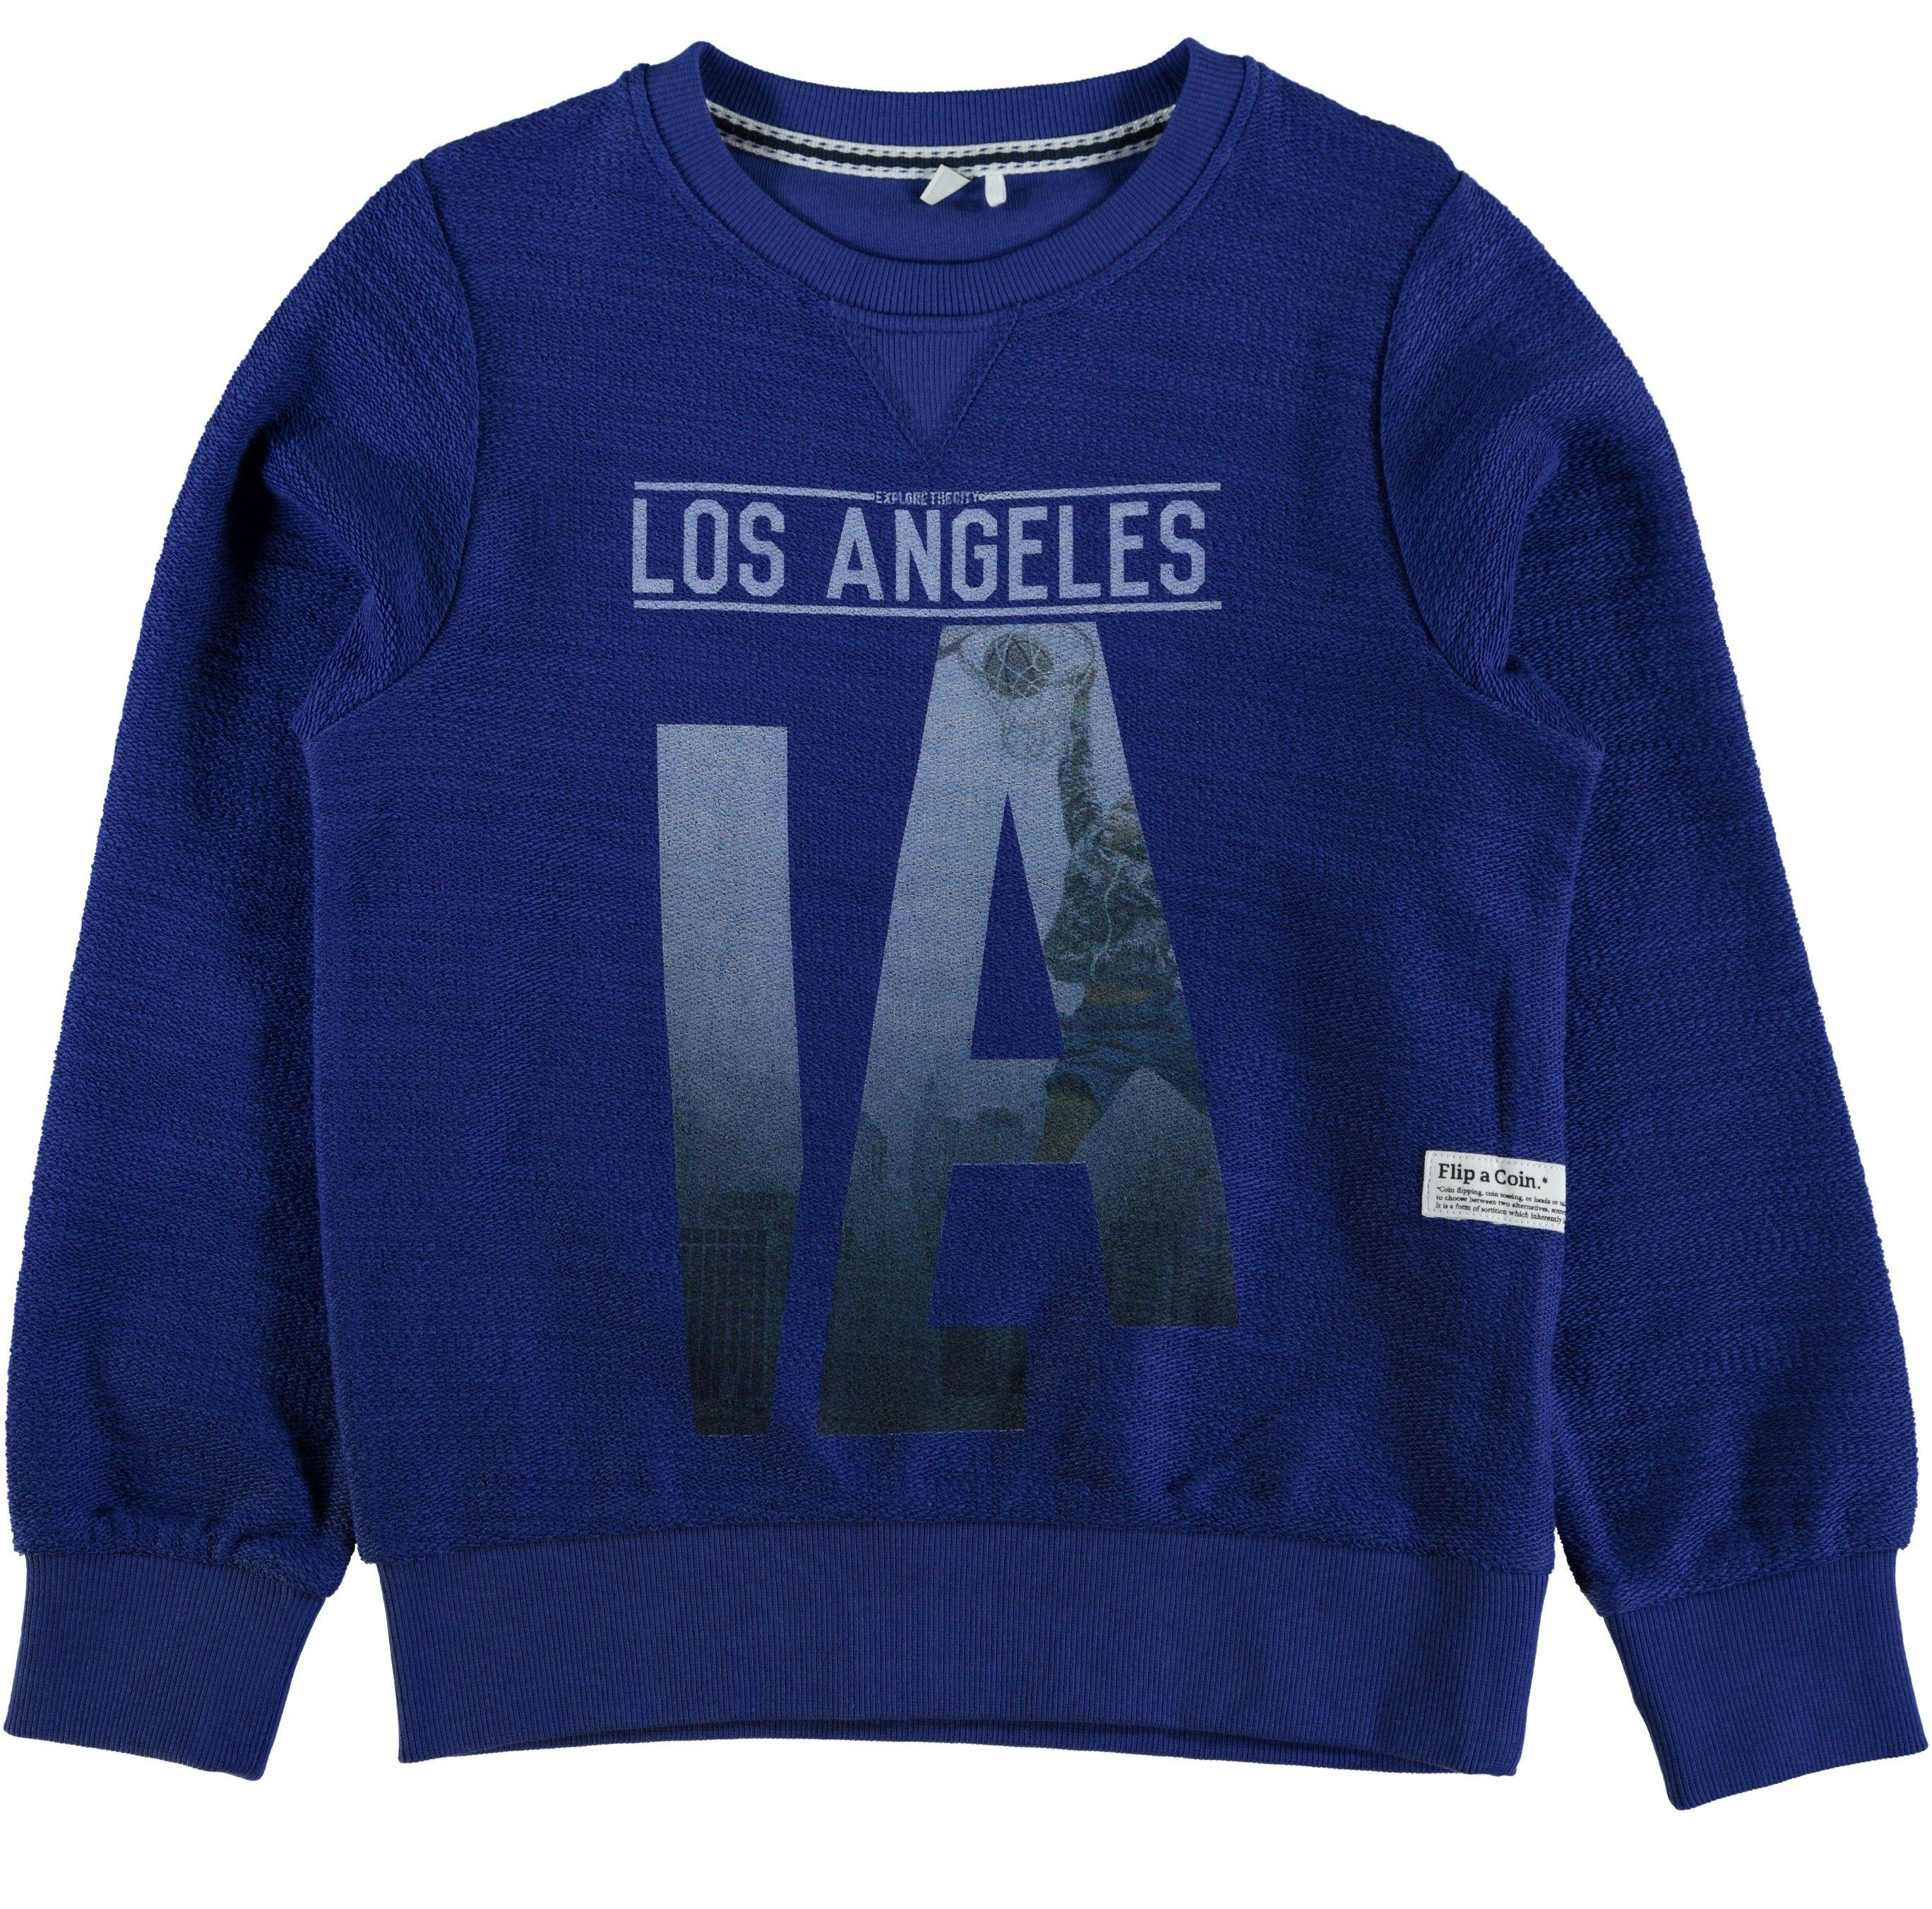 Blauwe jongens sweater NITDION van het merk Name-it. Mazarine blauwe sweater Met de tekst : Los Angles LA De sweater heeft een ronde hals en is zonder capuchon. De buitenkant is iets groffer afgewerkt, waardoor hij er erg leuk uitziet !